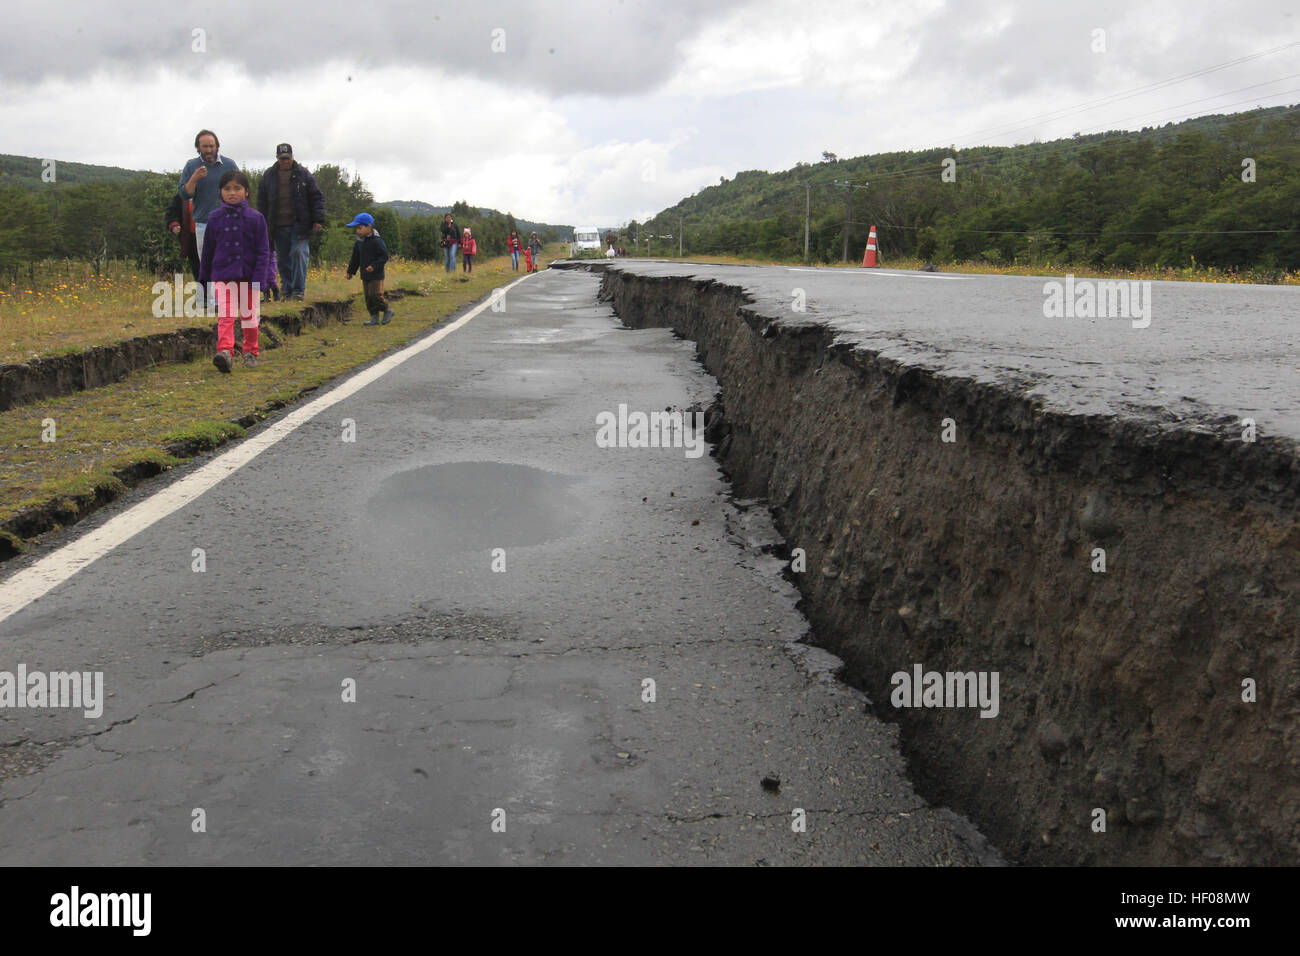 Province de Chiloé, Chili. 25 Décembre, 2016. Photos prises le 25 décembre 2016 montre une route Photo Stock